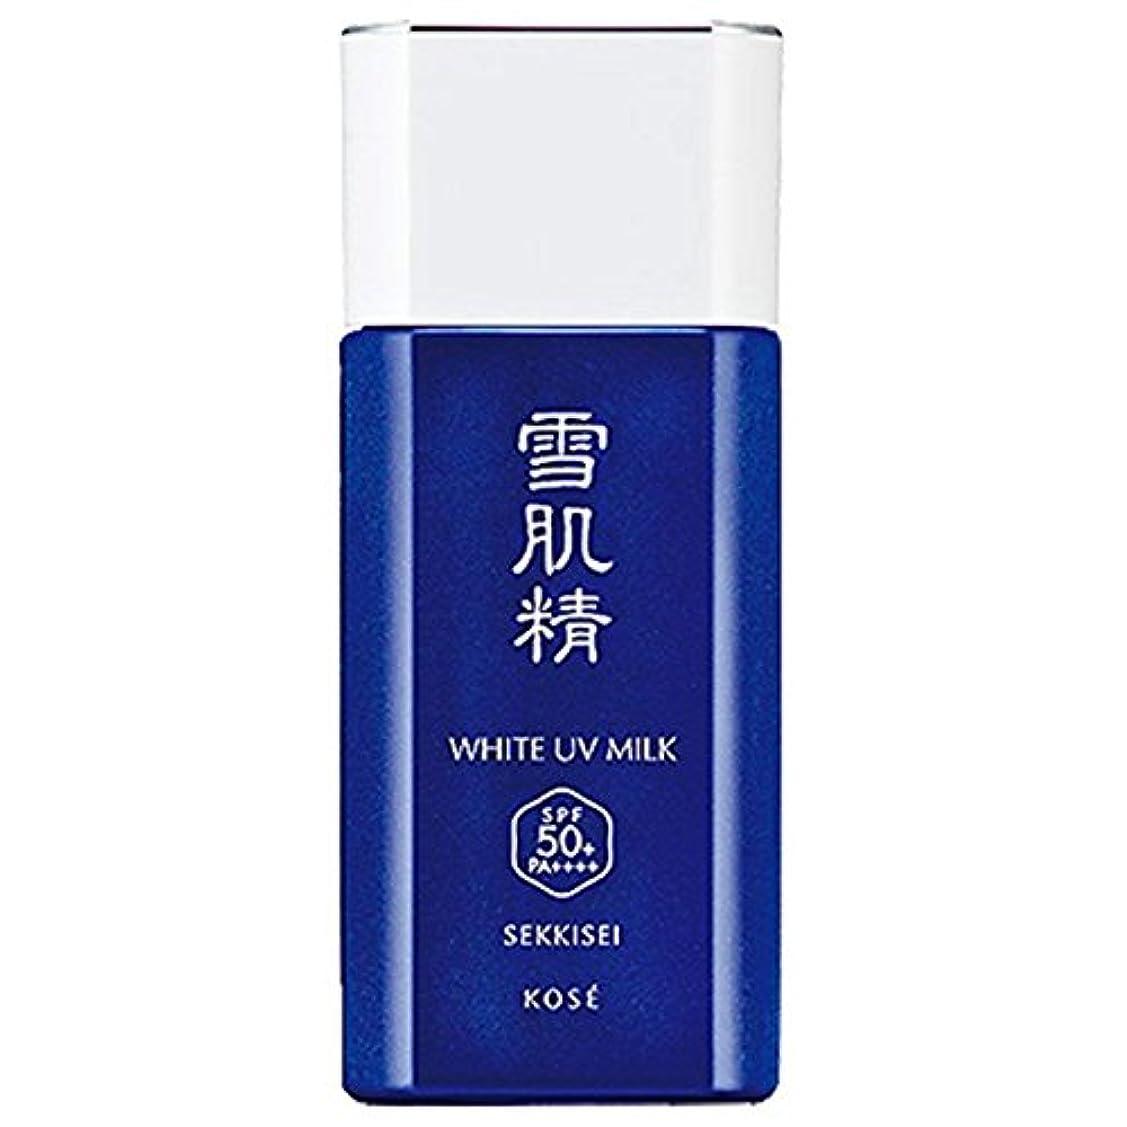 コーセー 雪肌精 ホワイト UV ミルク SPF50+/PA++++ 60g